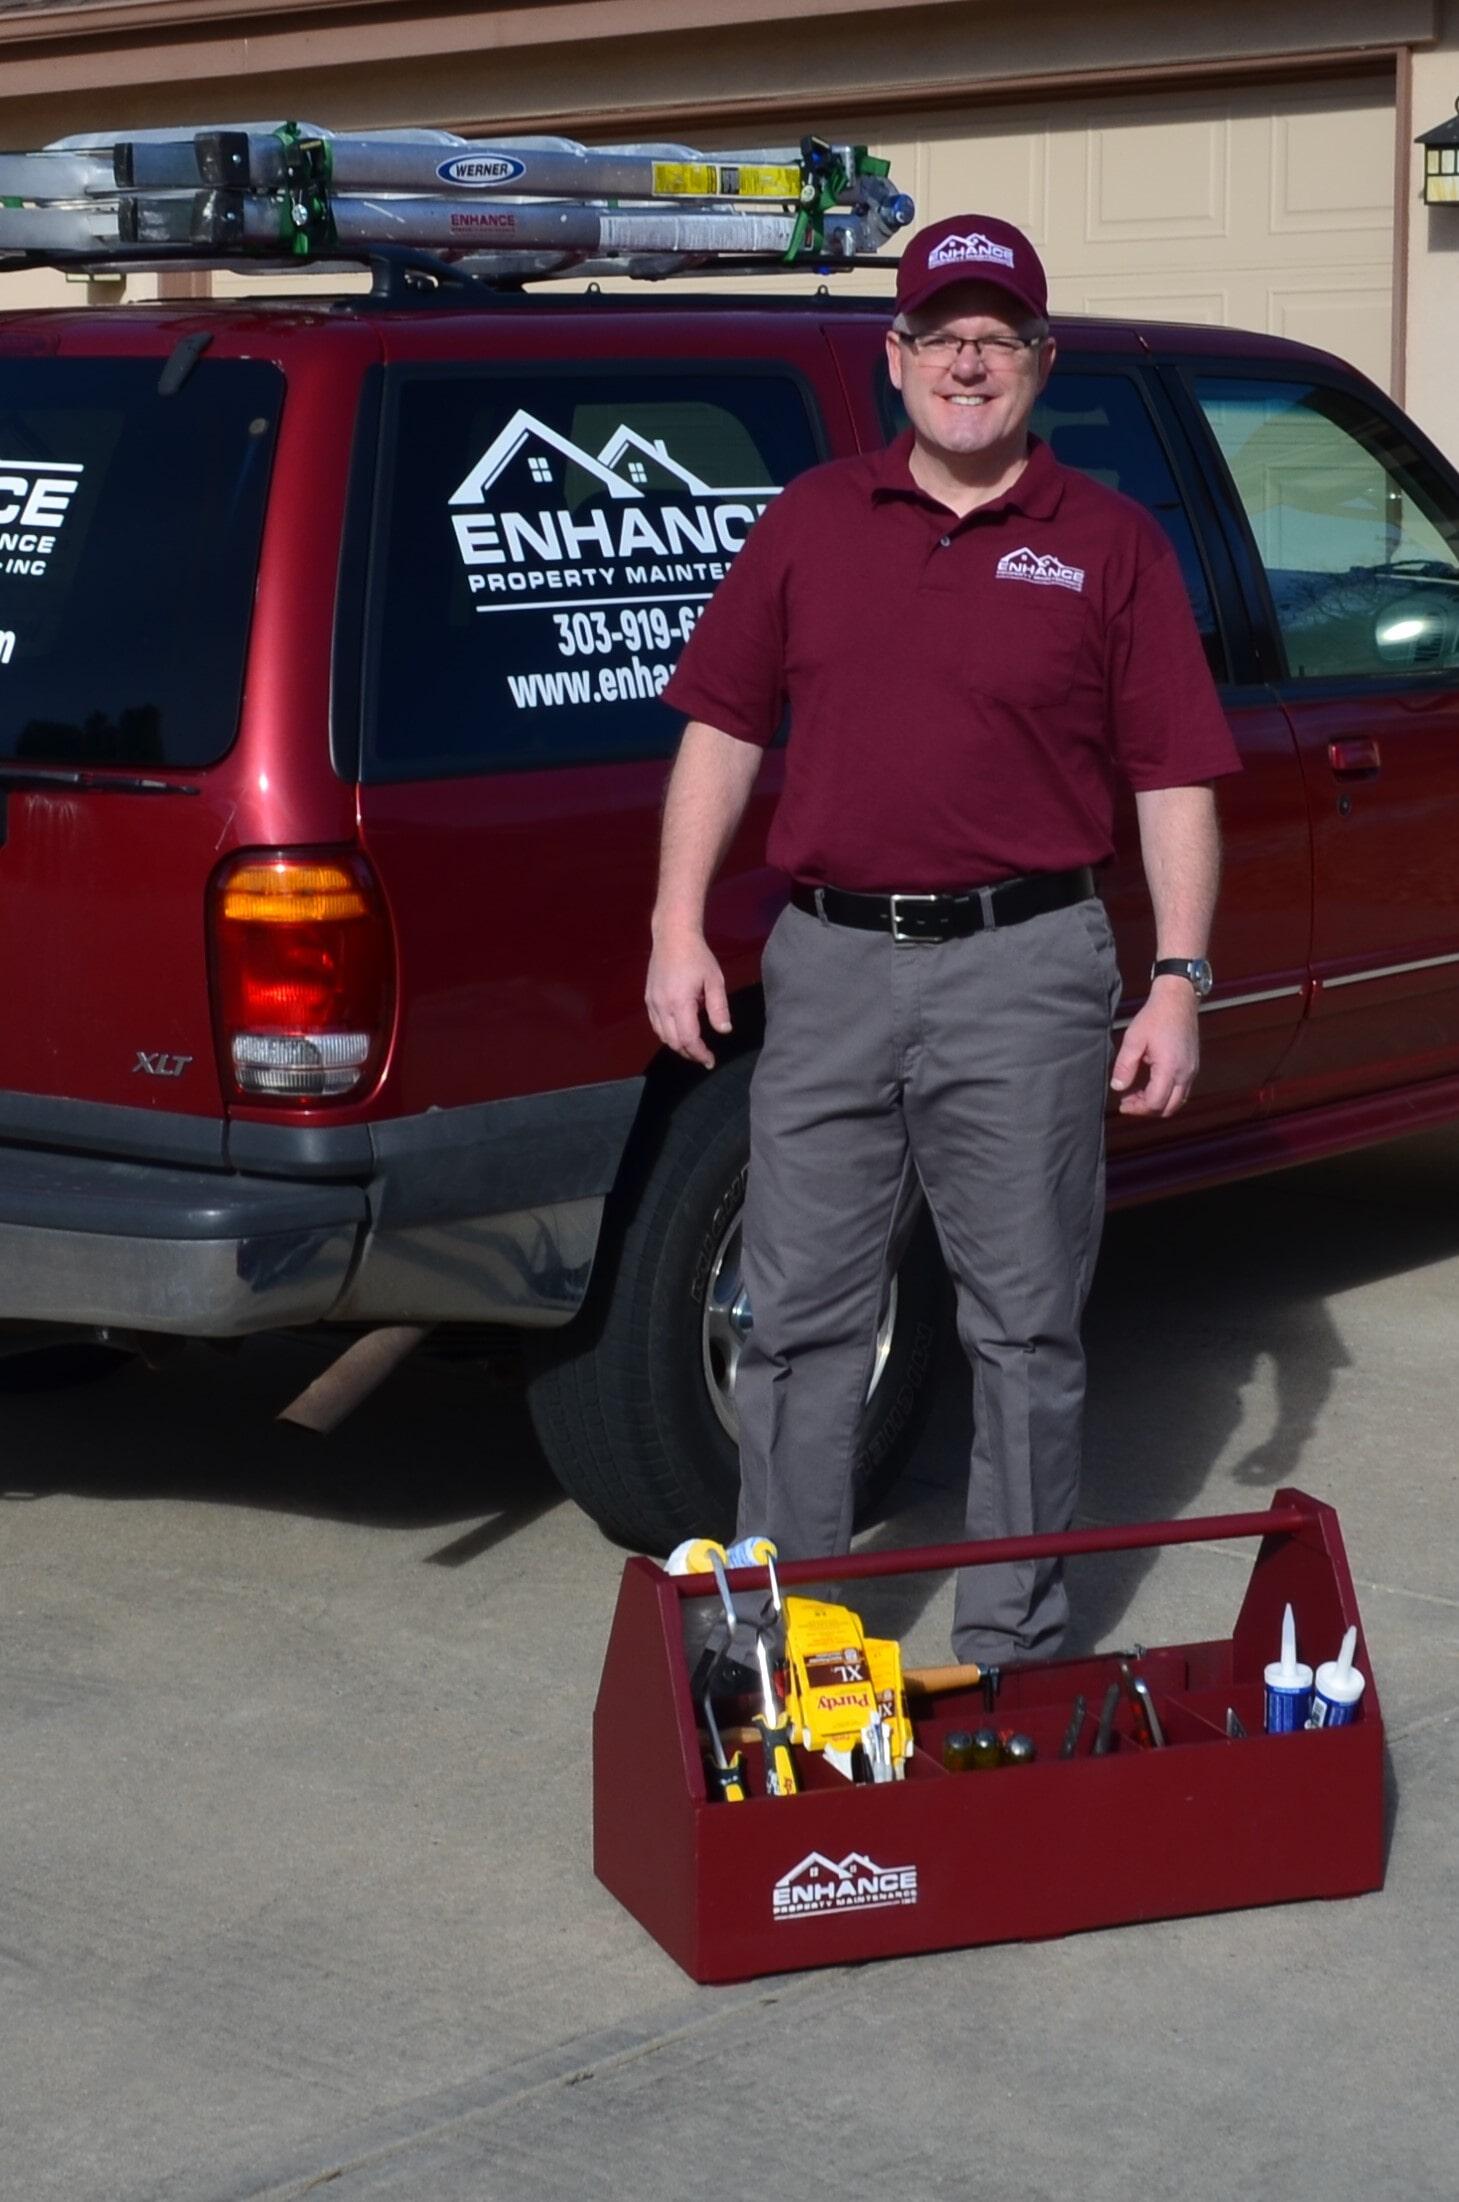 Enhance Property Maintenance, Inc image 0